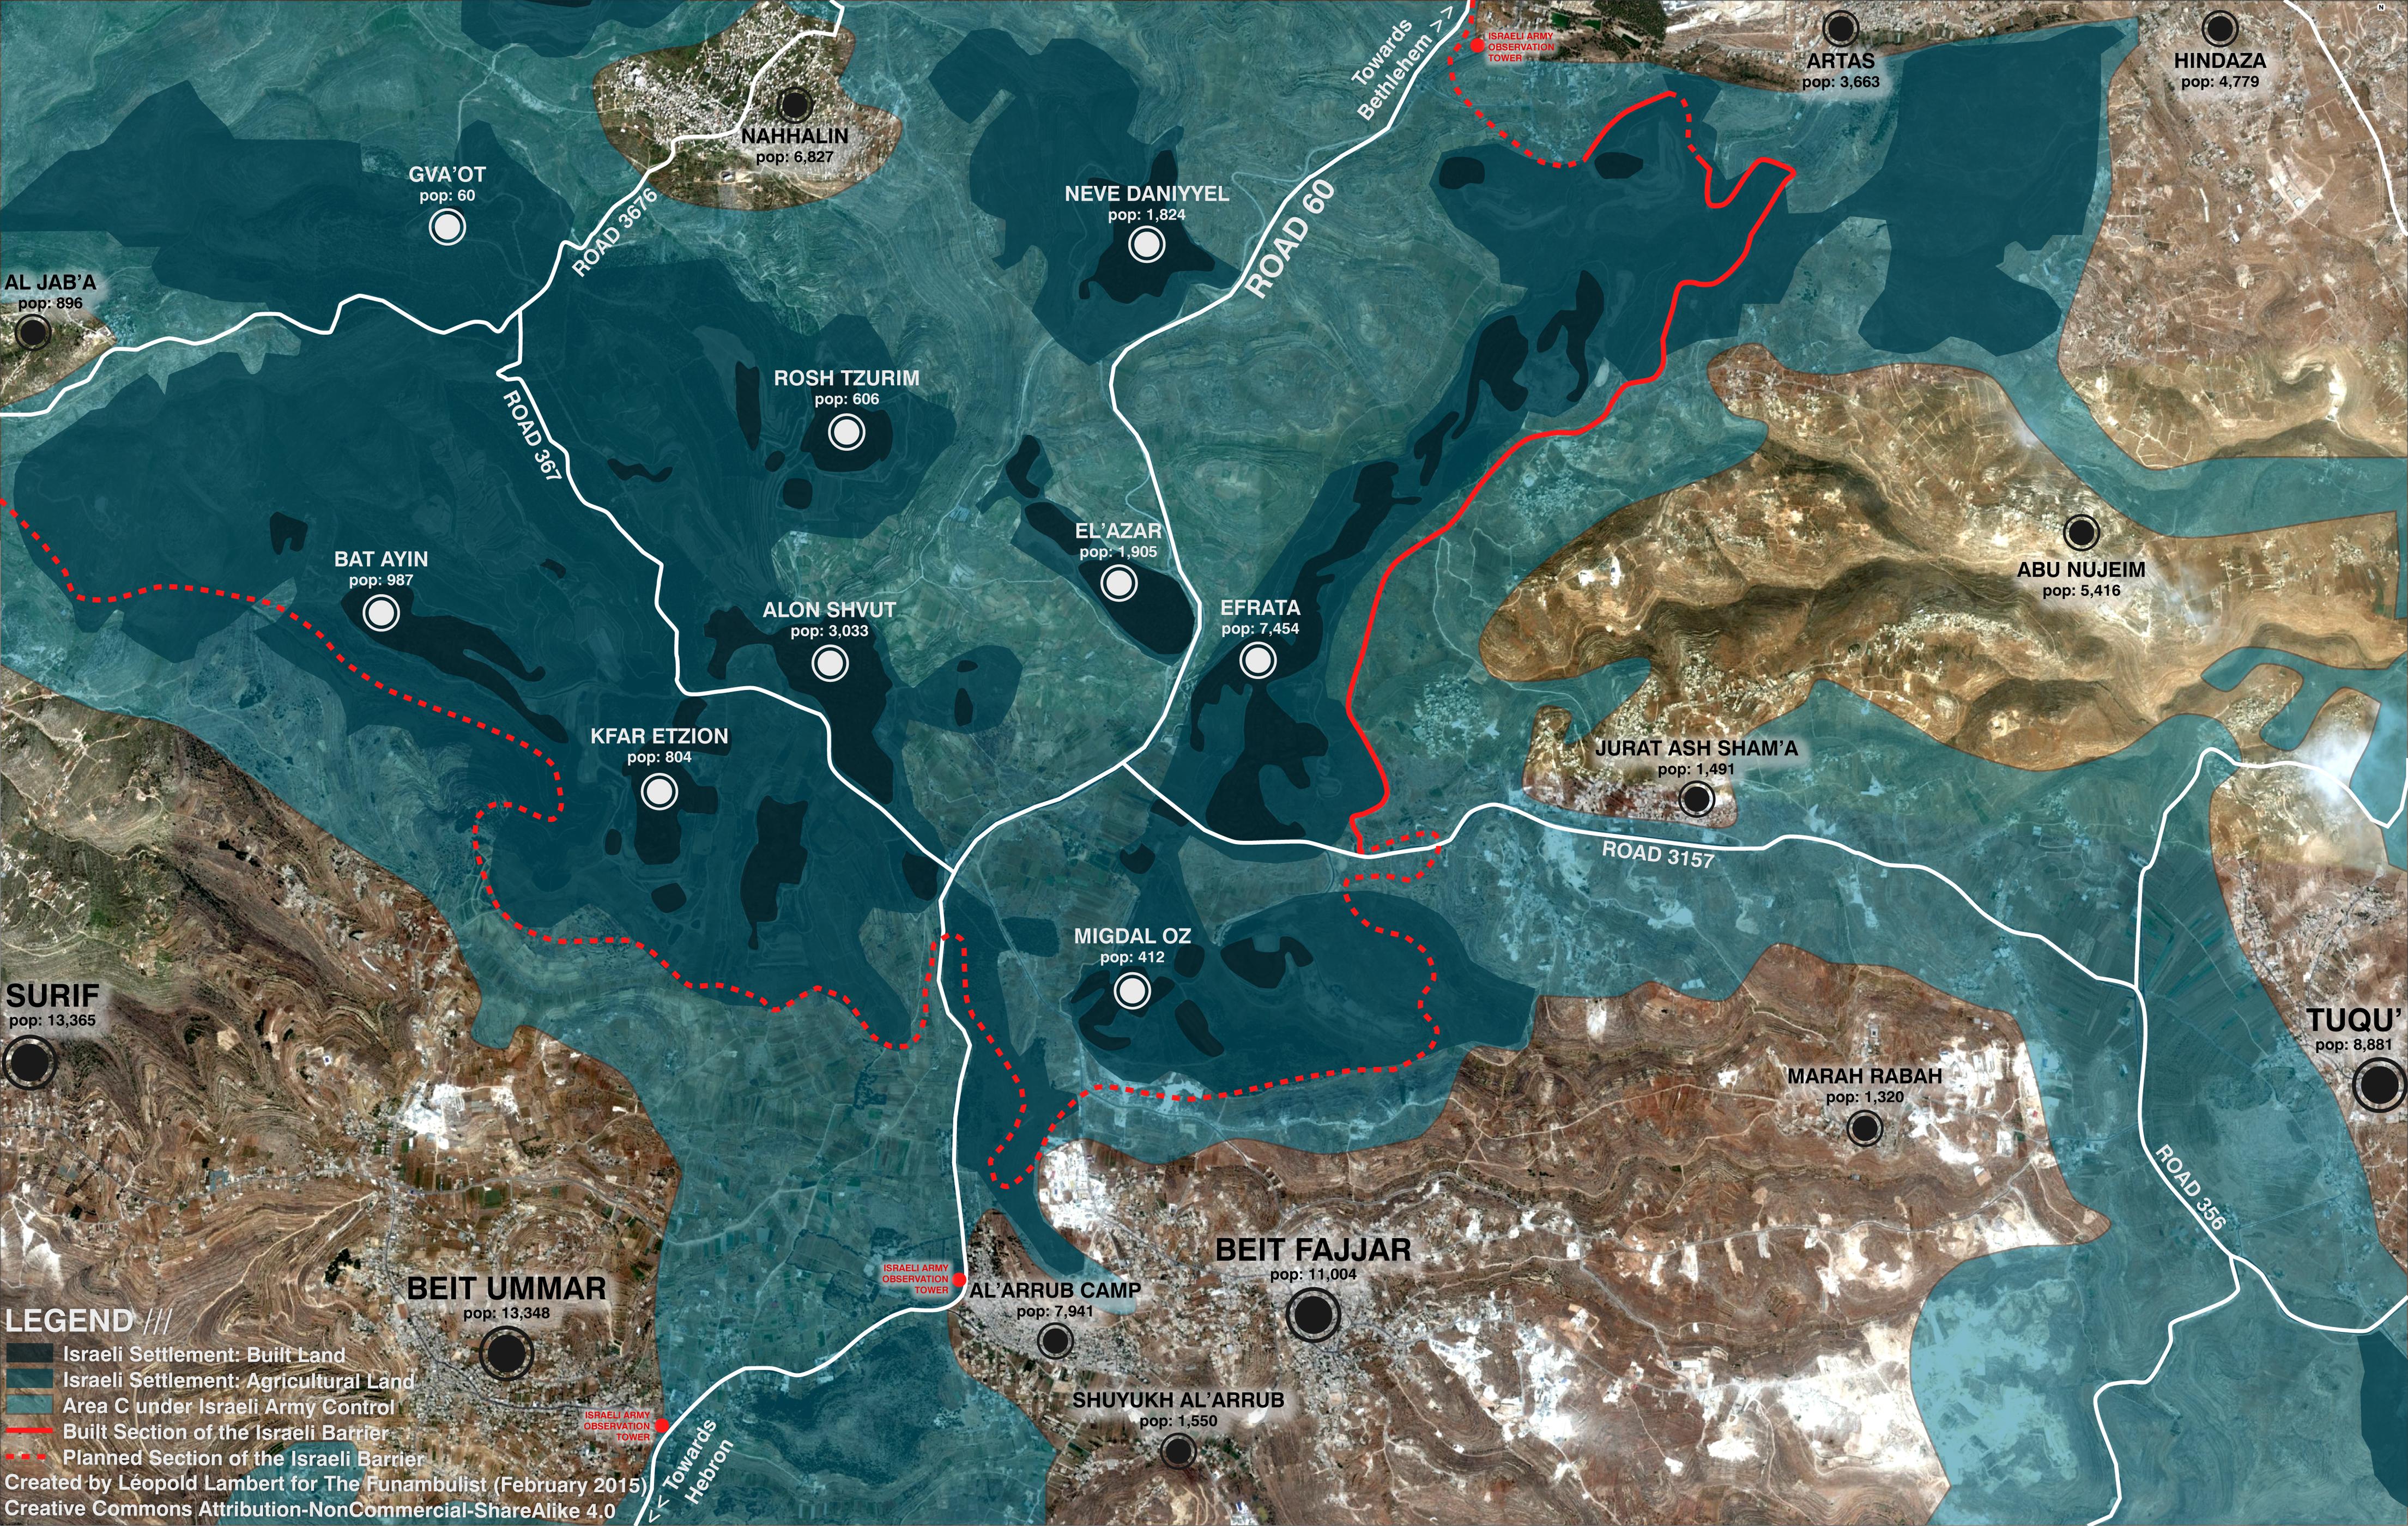 Israeli Settlements - Map by Leopold Lambert